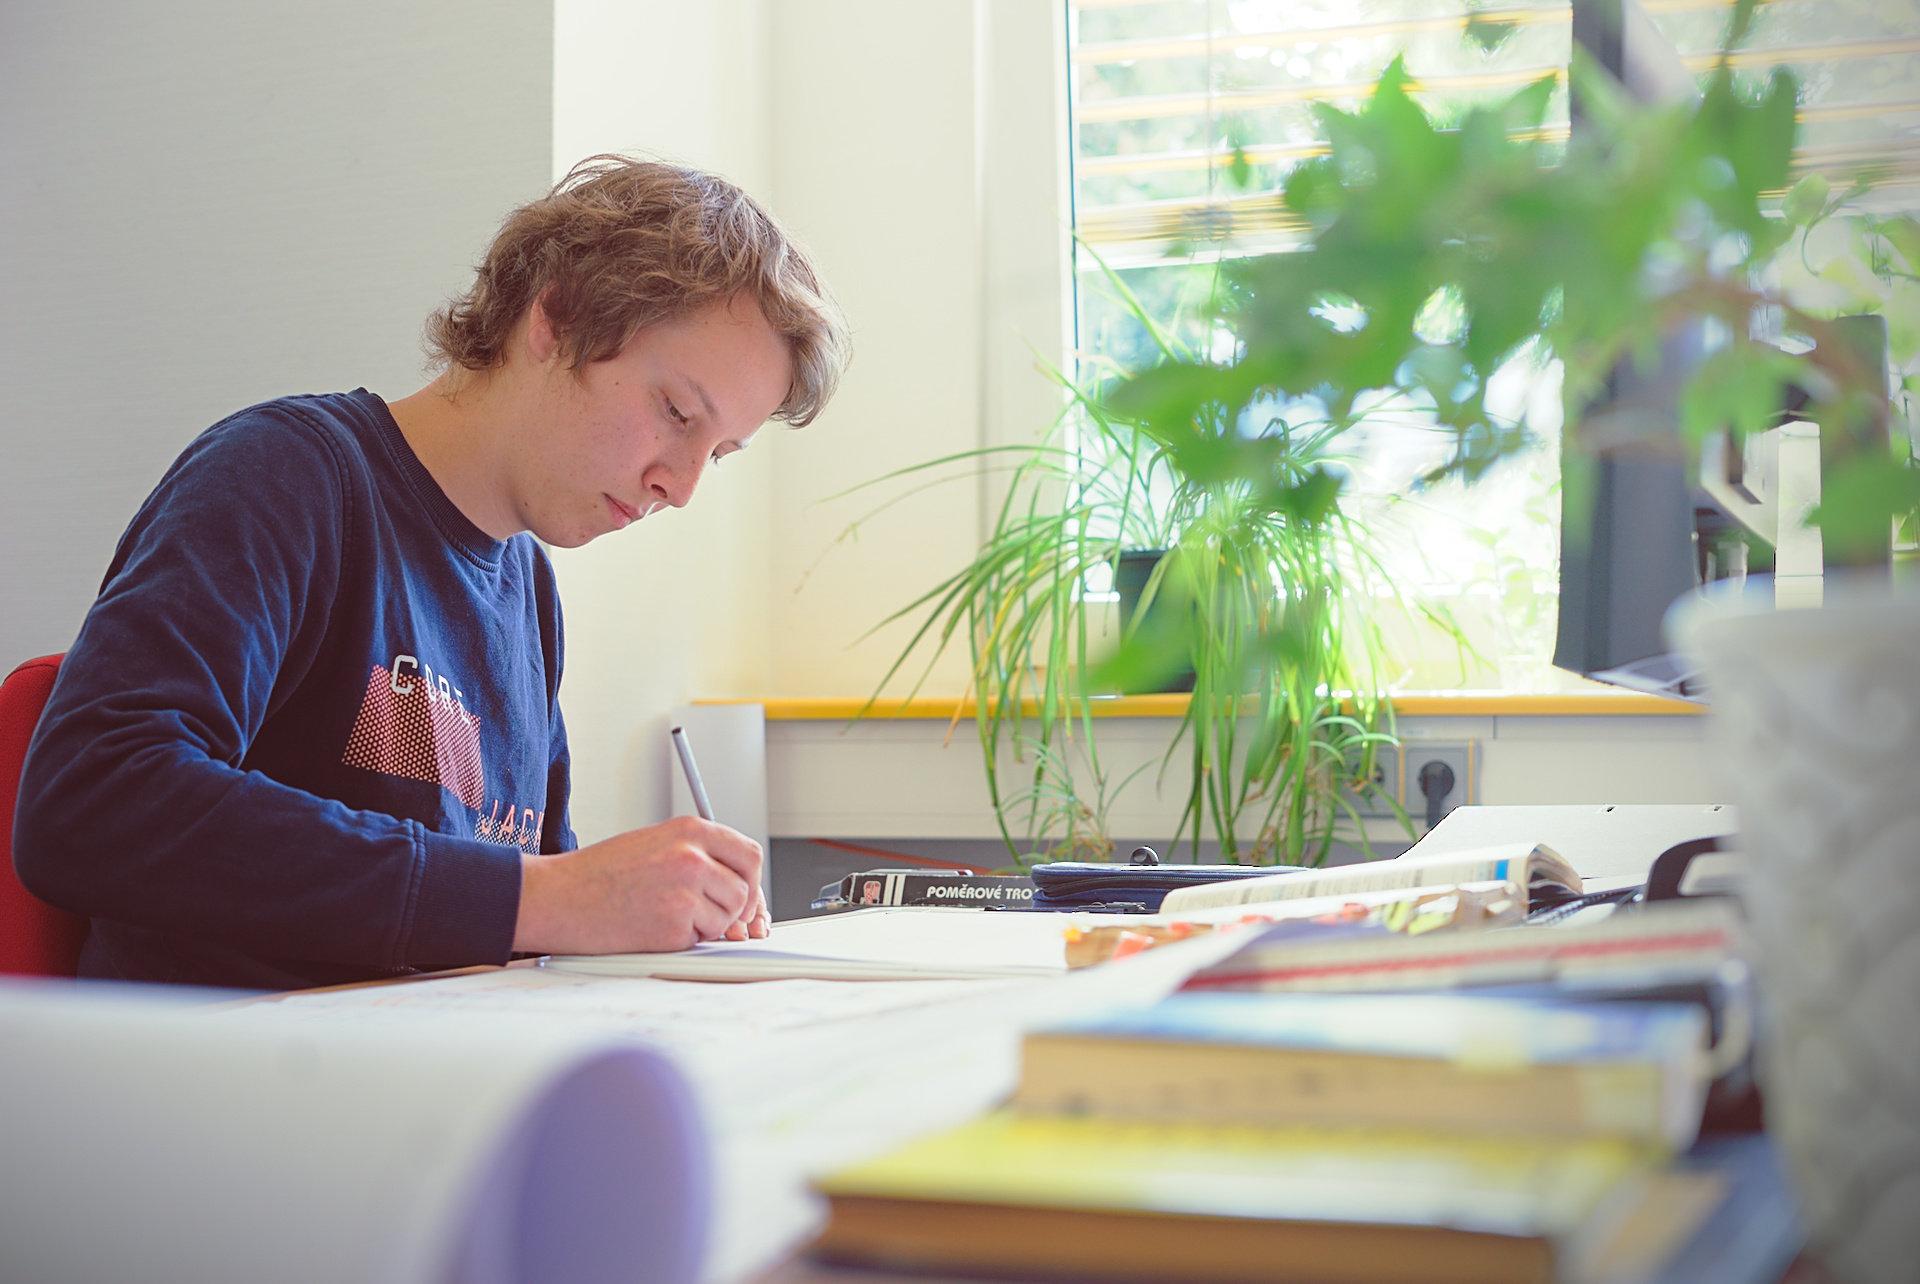 Auszubildender zum technischen Zeichner